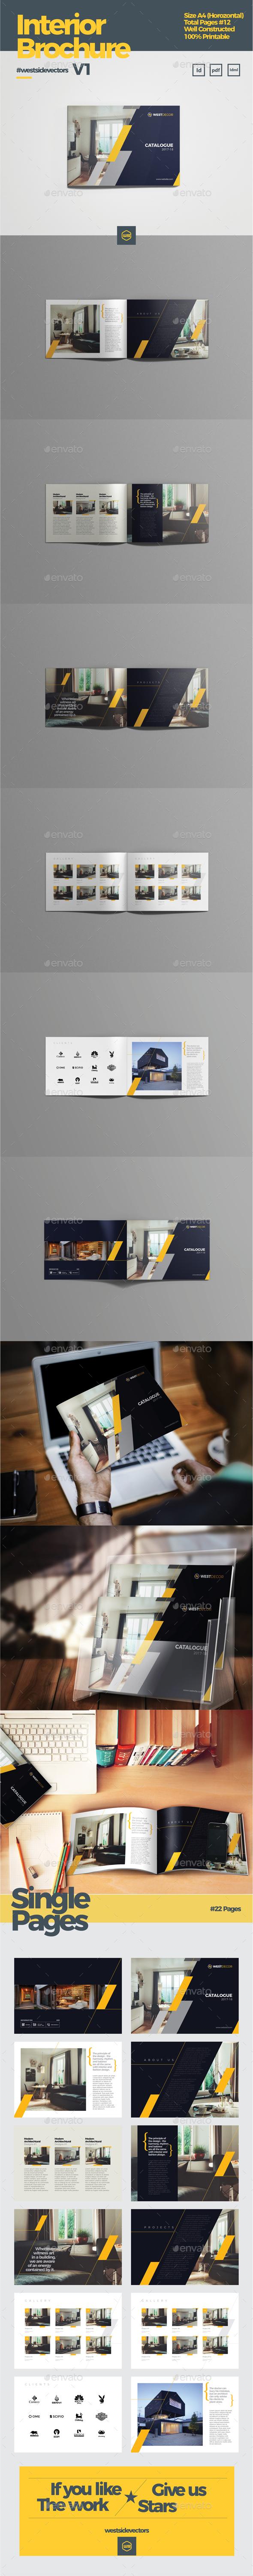 Brochure - Brochures Print Templates Download here : https://graphicriver.net/item/brochure/19707351?s_rank=10&ref=Al-fatih